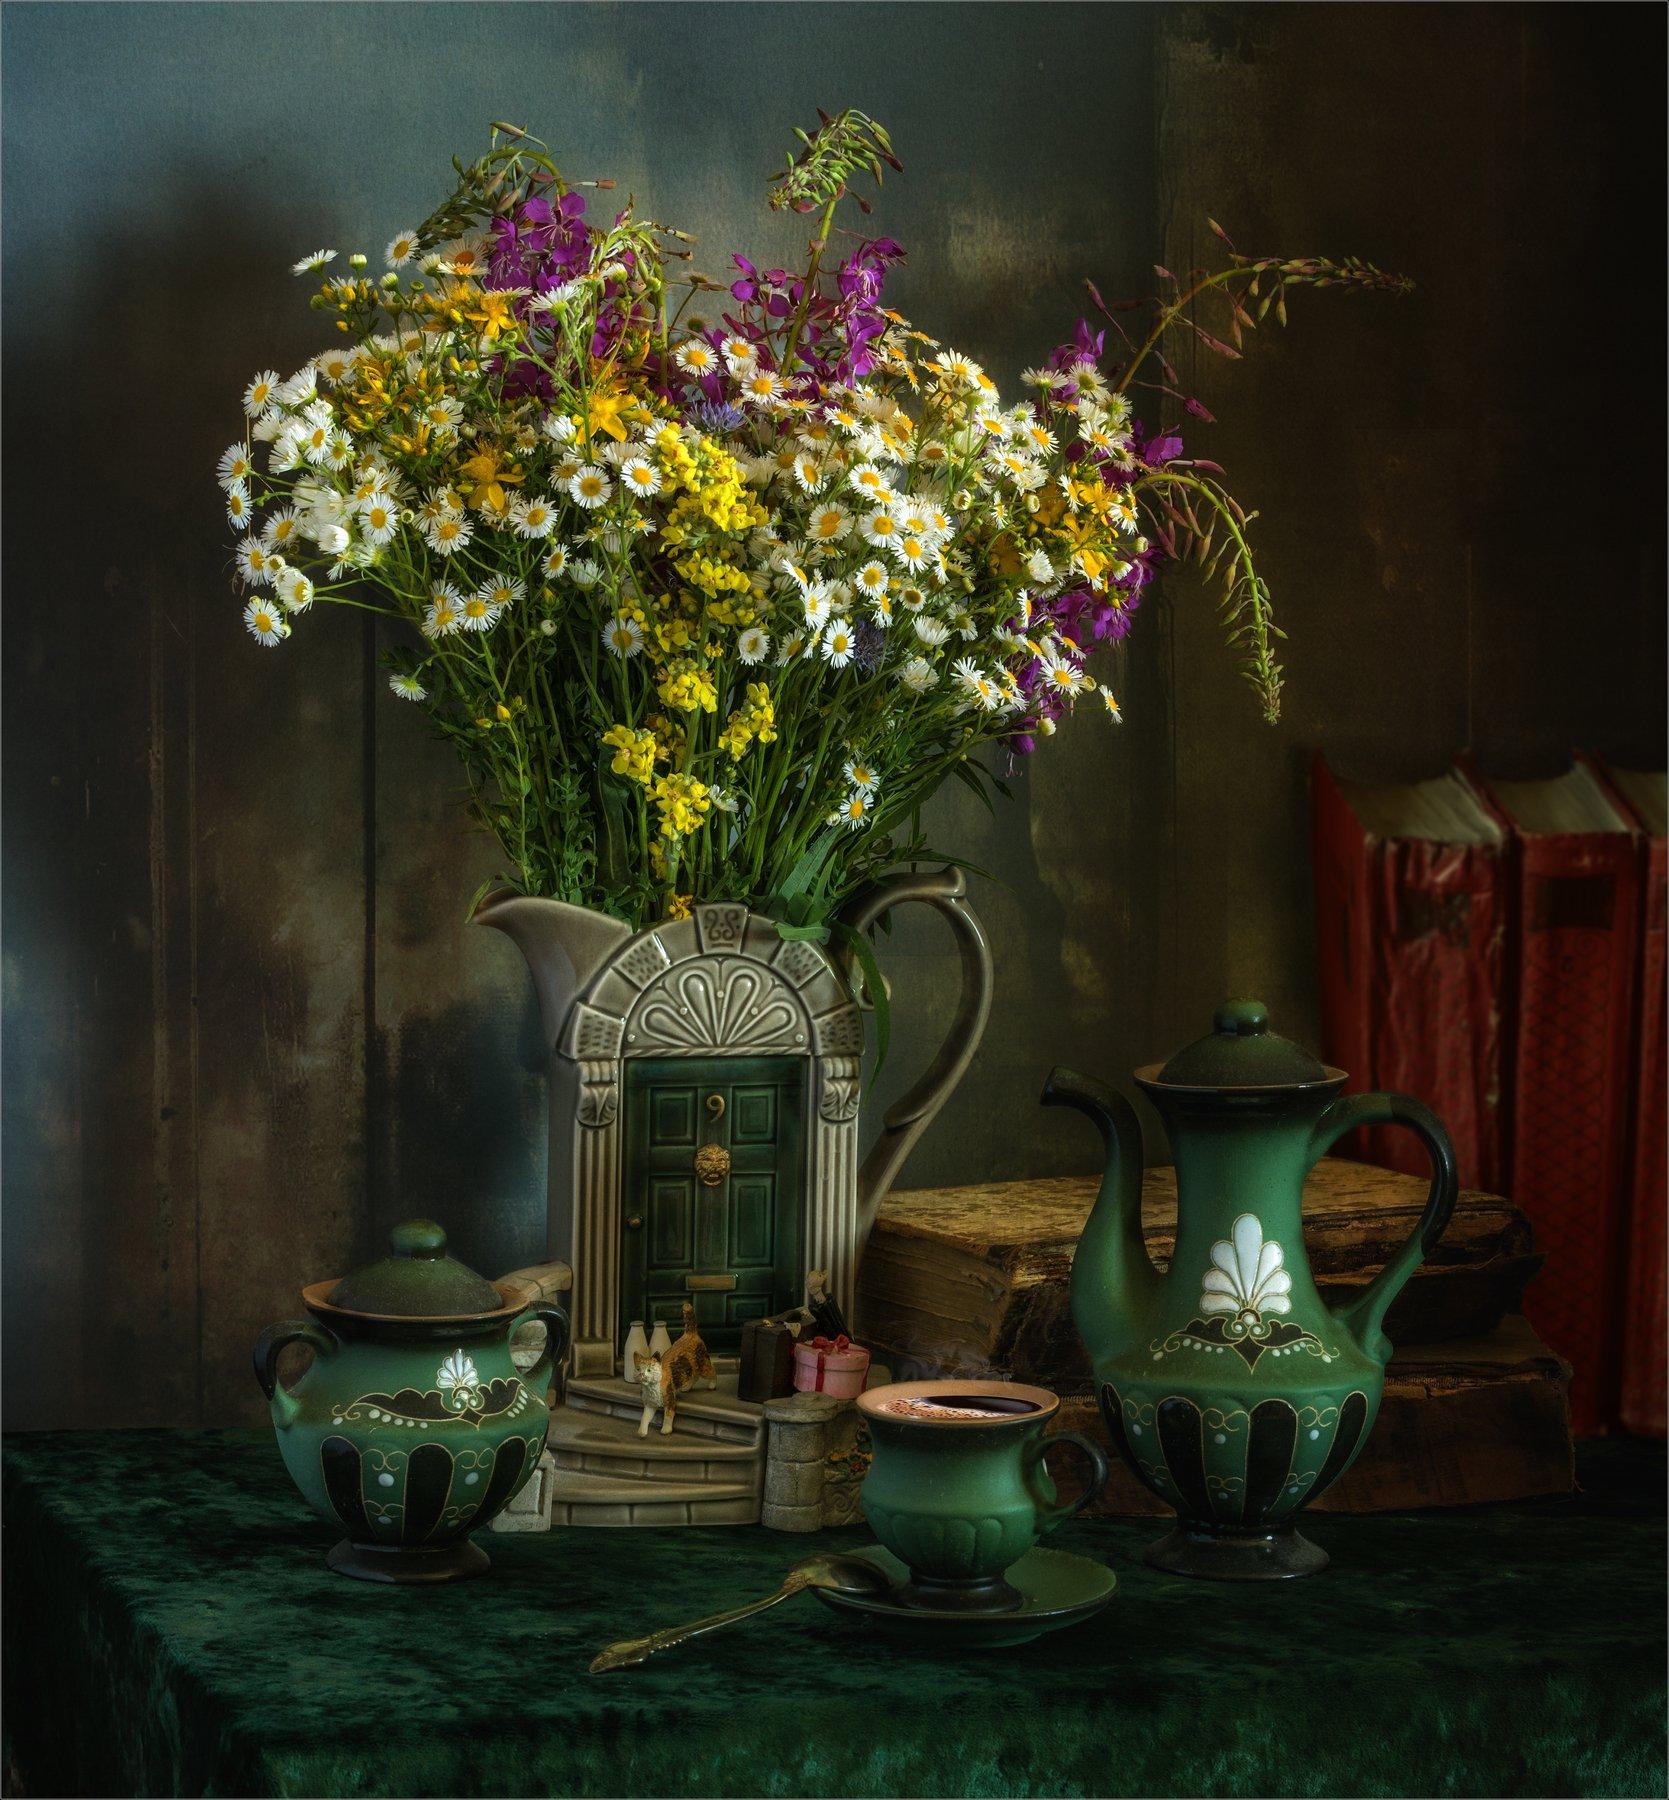 still life, натюрморт,    растение, природа,  винтаж,  цветы, полевые цветы, луговые цветы, книги, кофе, чашка кофе, чайник, кофейник, напиток, ваза, молочник, сахарница, посуда, Михаил MSH